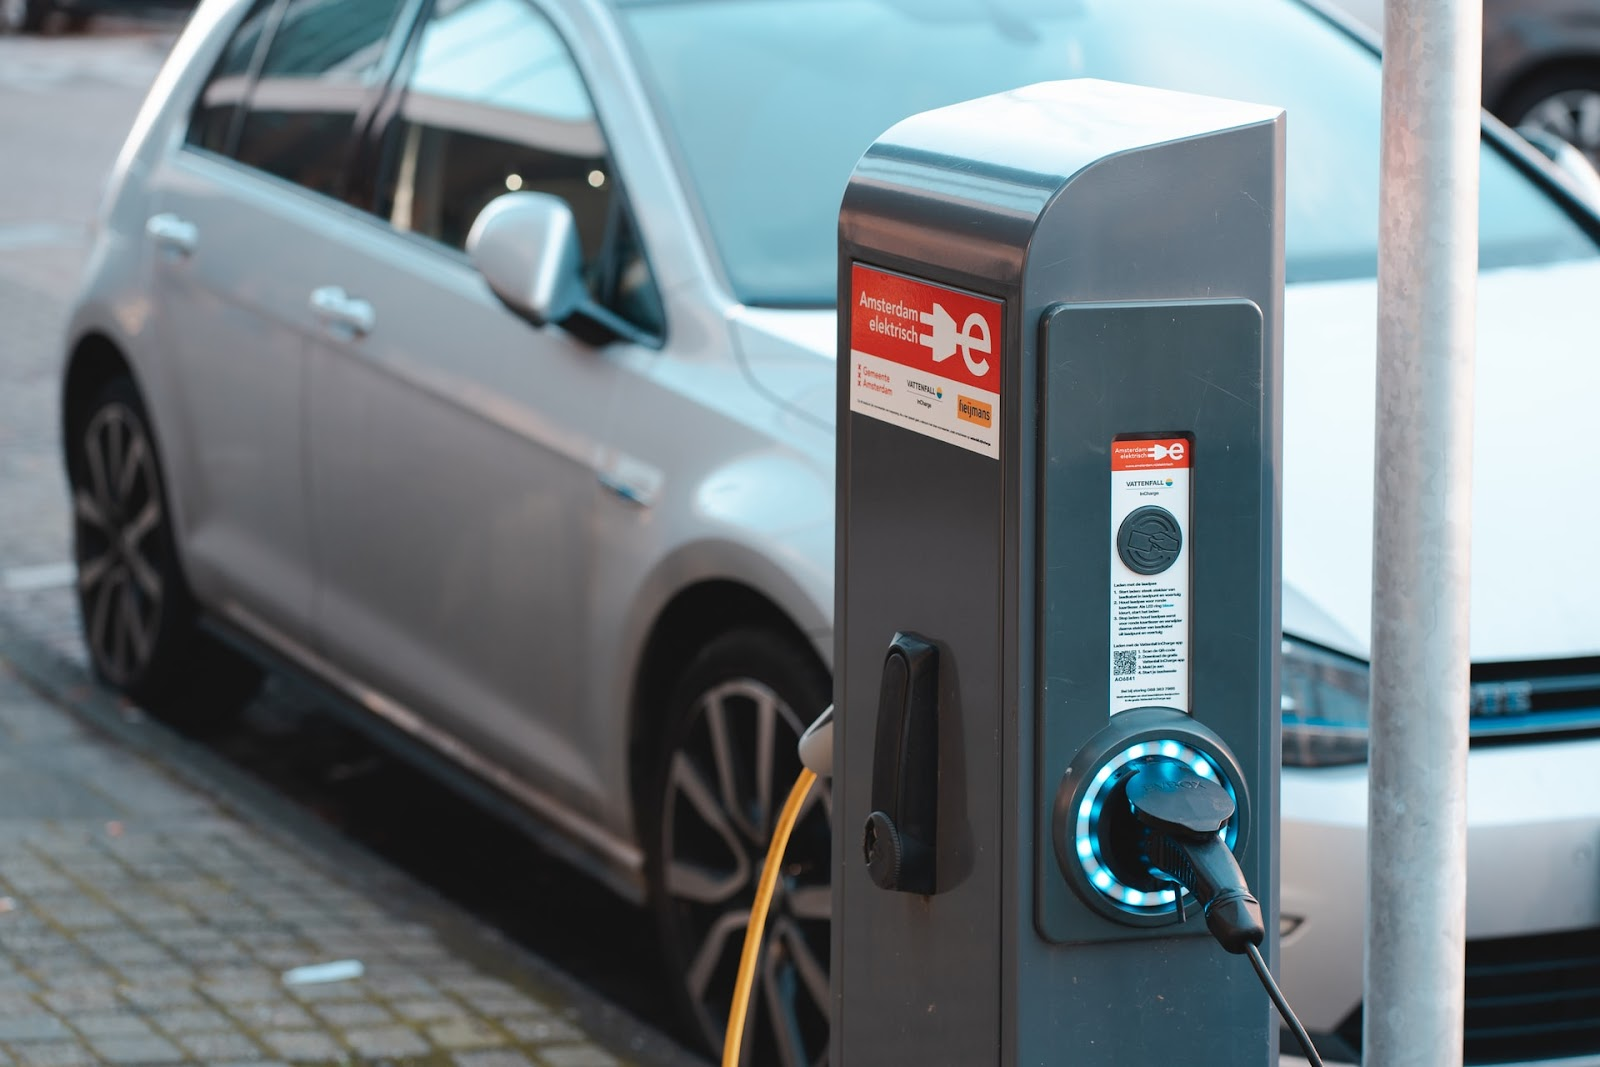 Baterias precisam de um significativo avanço tecnológico para que os carros elétricos se tornem a maioria no planeta. (Unsplash/Reprodução)